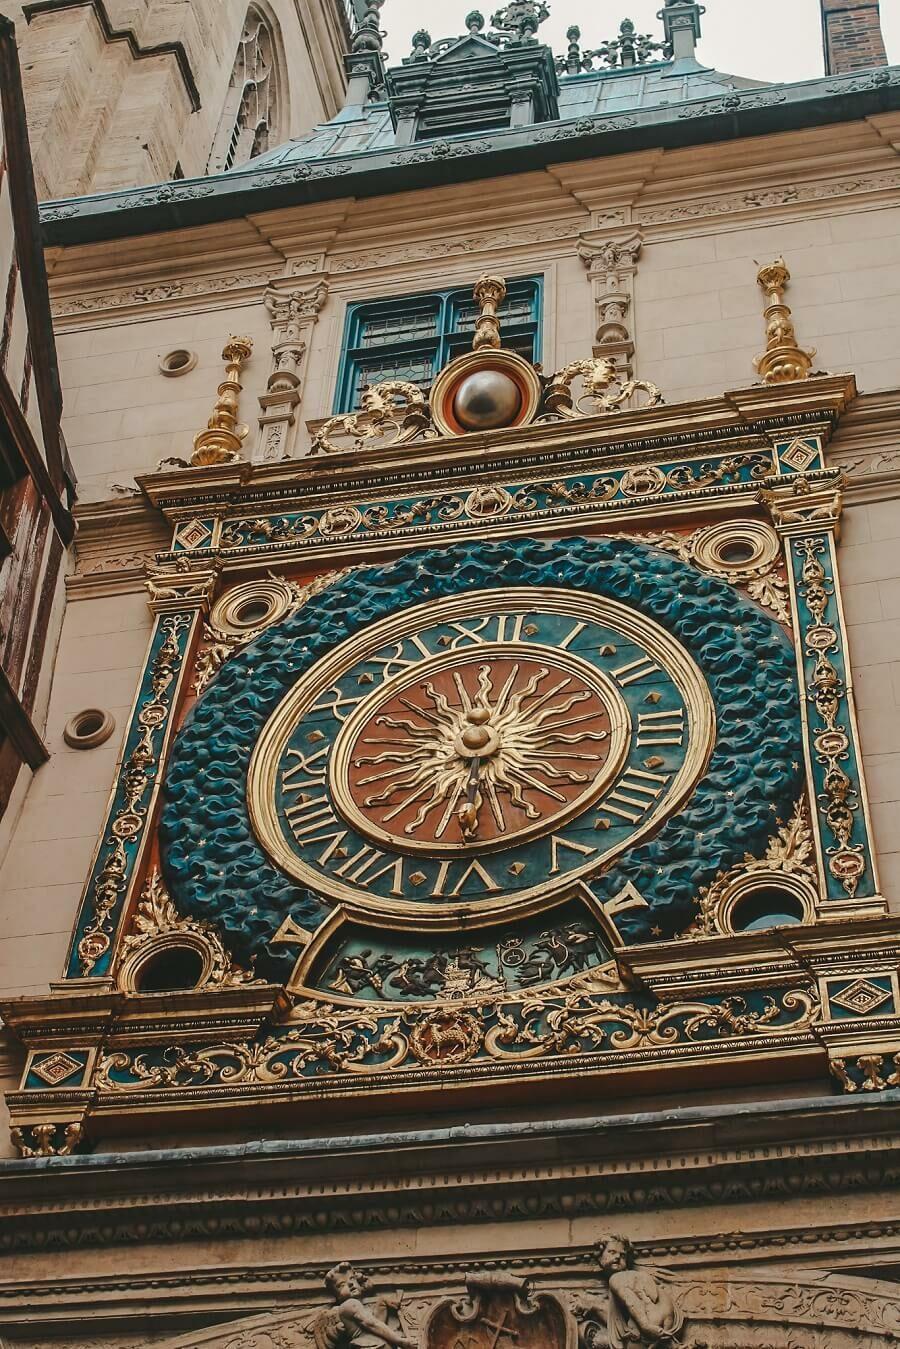 torre orologio rouen | 3 giorni in normandia